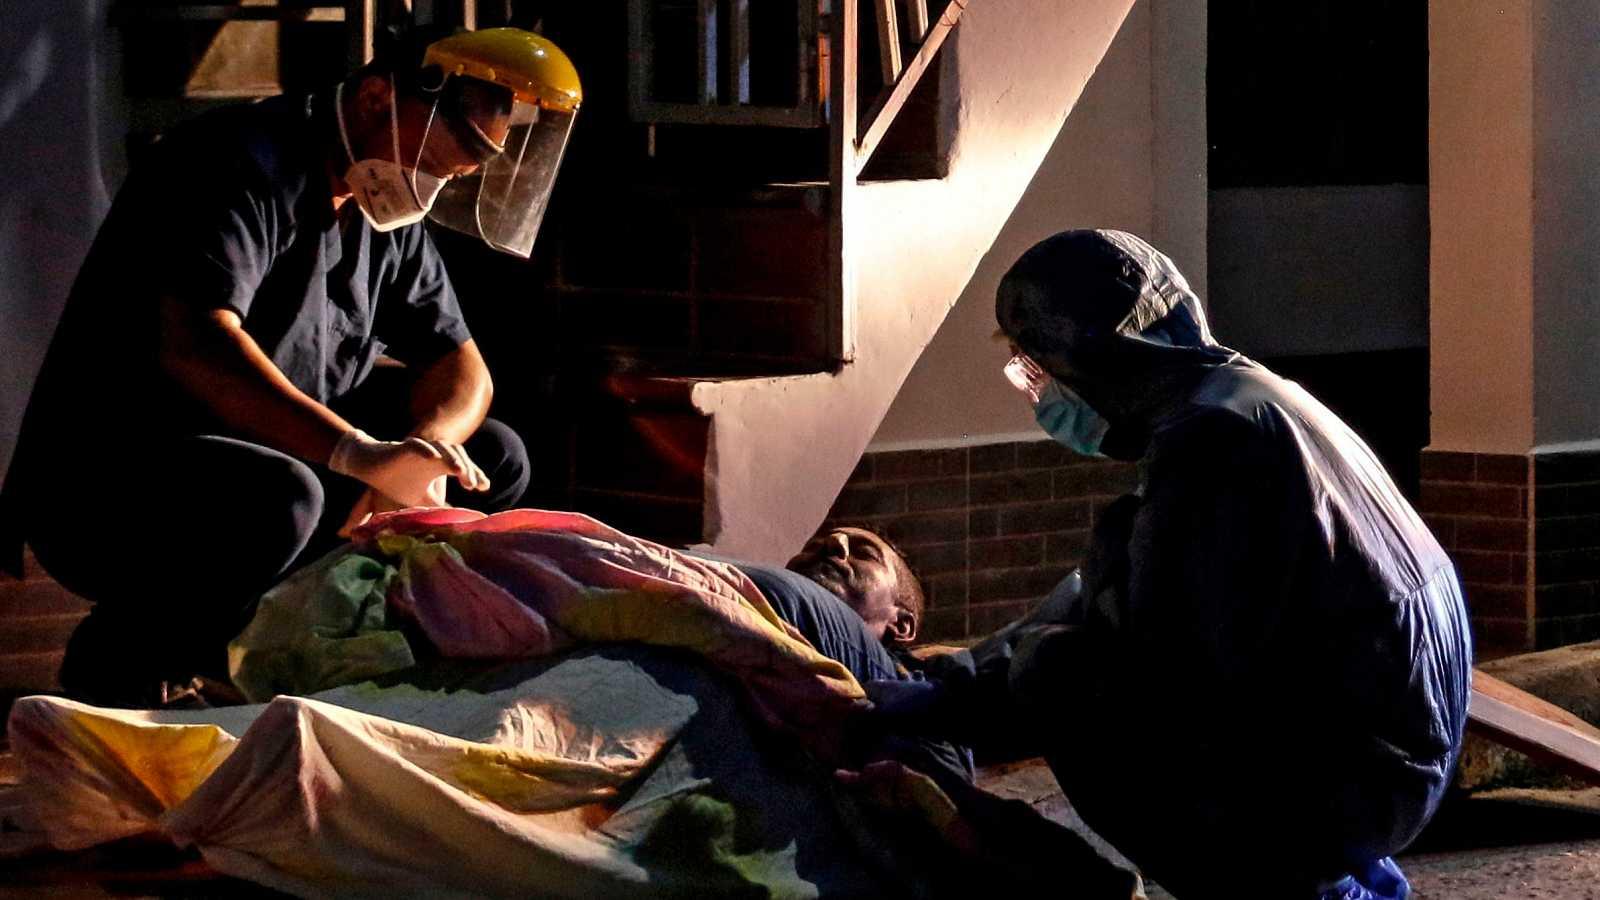 La pandemia agrava el hambre en Latinoamérica